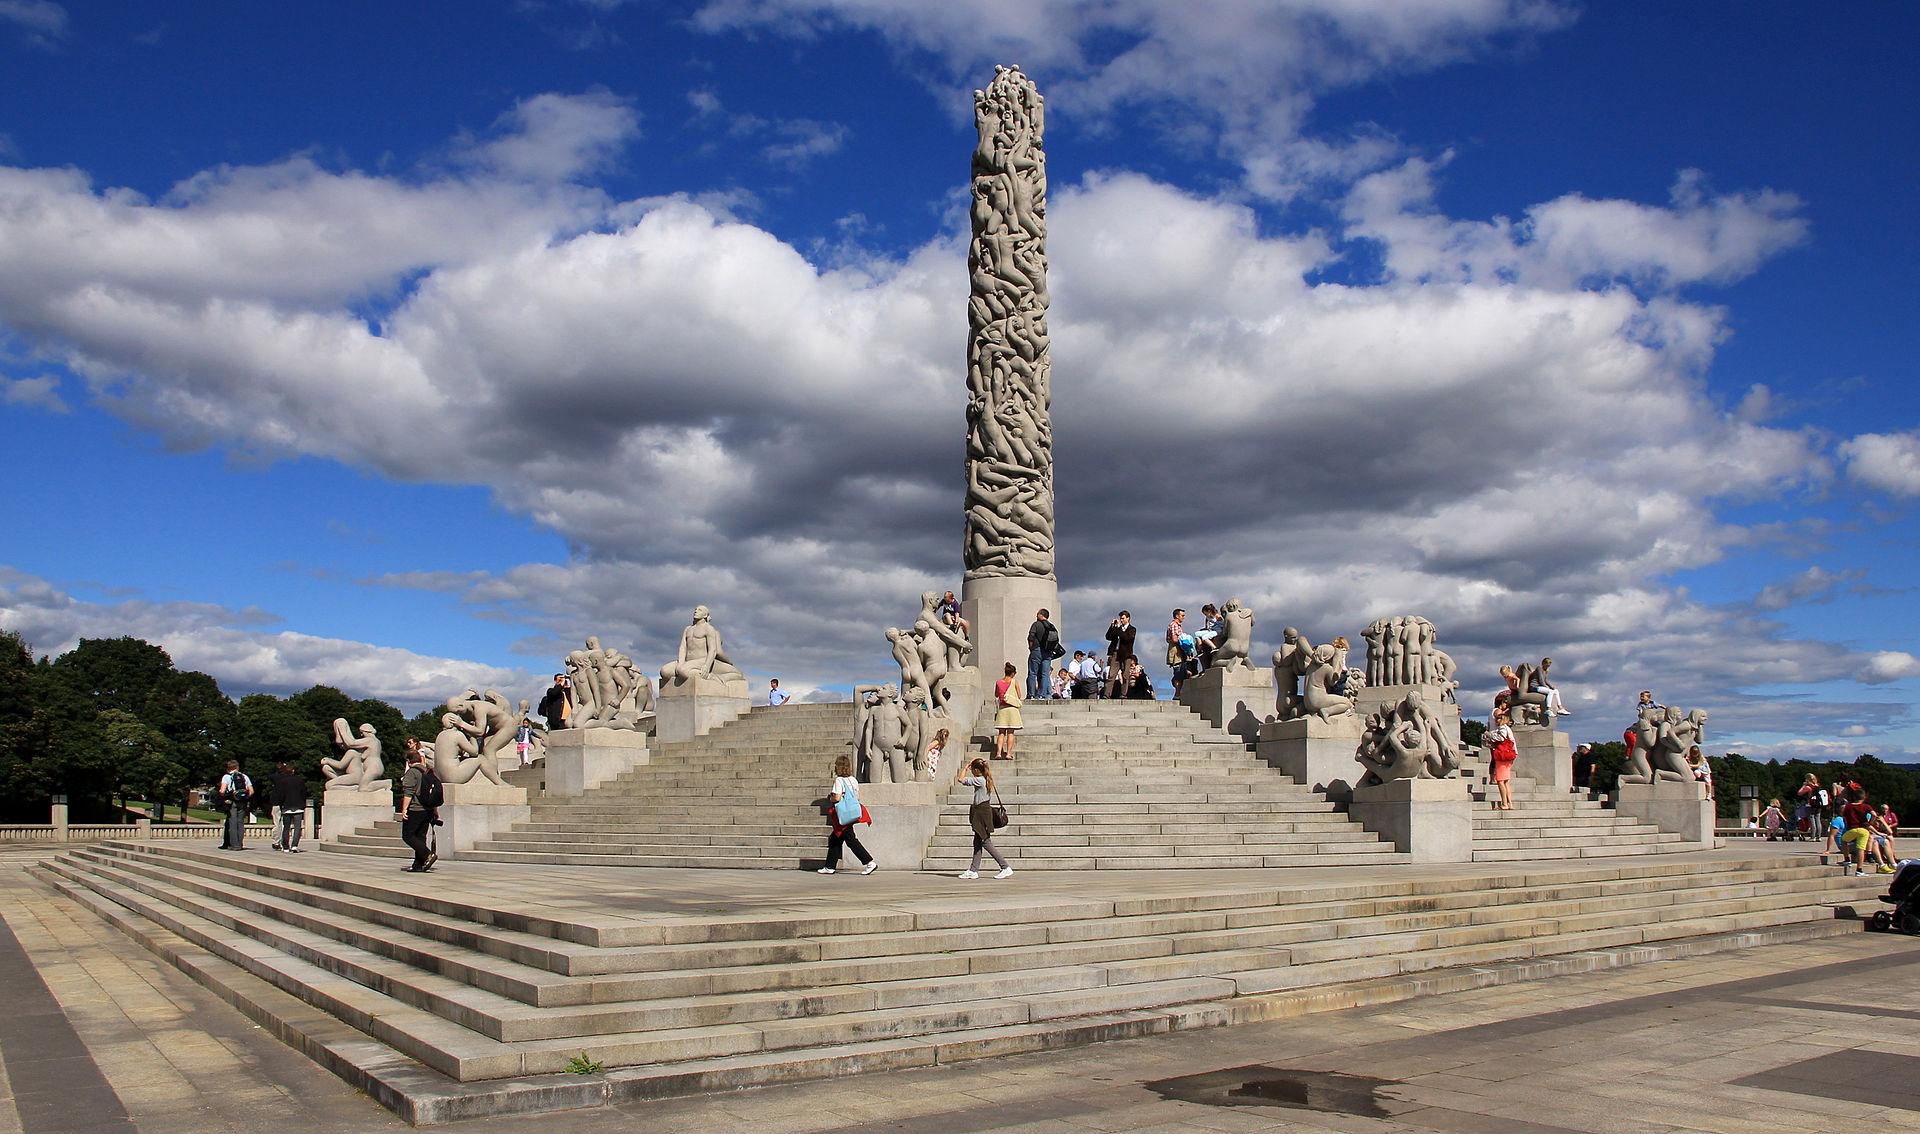 «Monolitten» på Monolittplatået er omgitt av en sirkeltrapp med 36 figurgrupper i granitt anbrakt i rader oppover trappa Foto: 2012